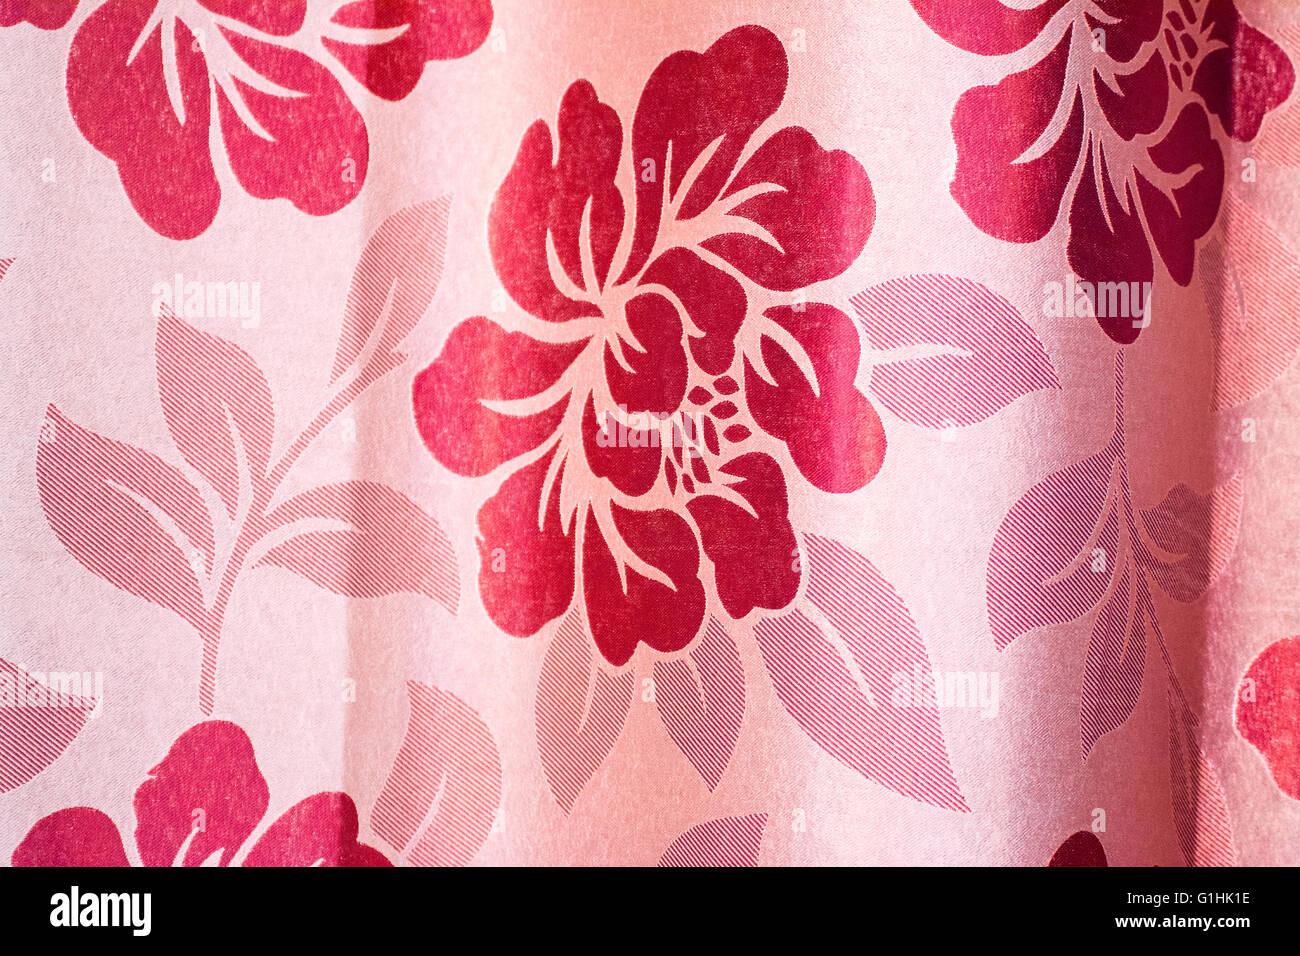 Blumen Muster Form Textil Stockbild